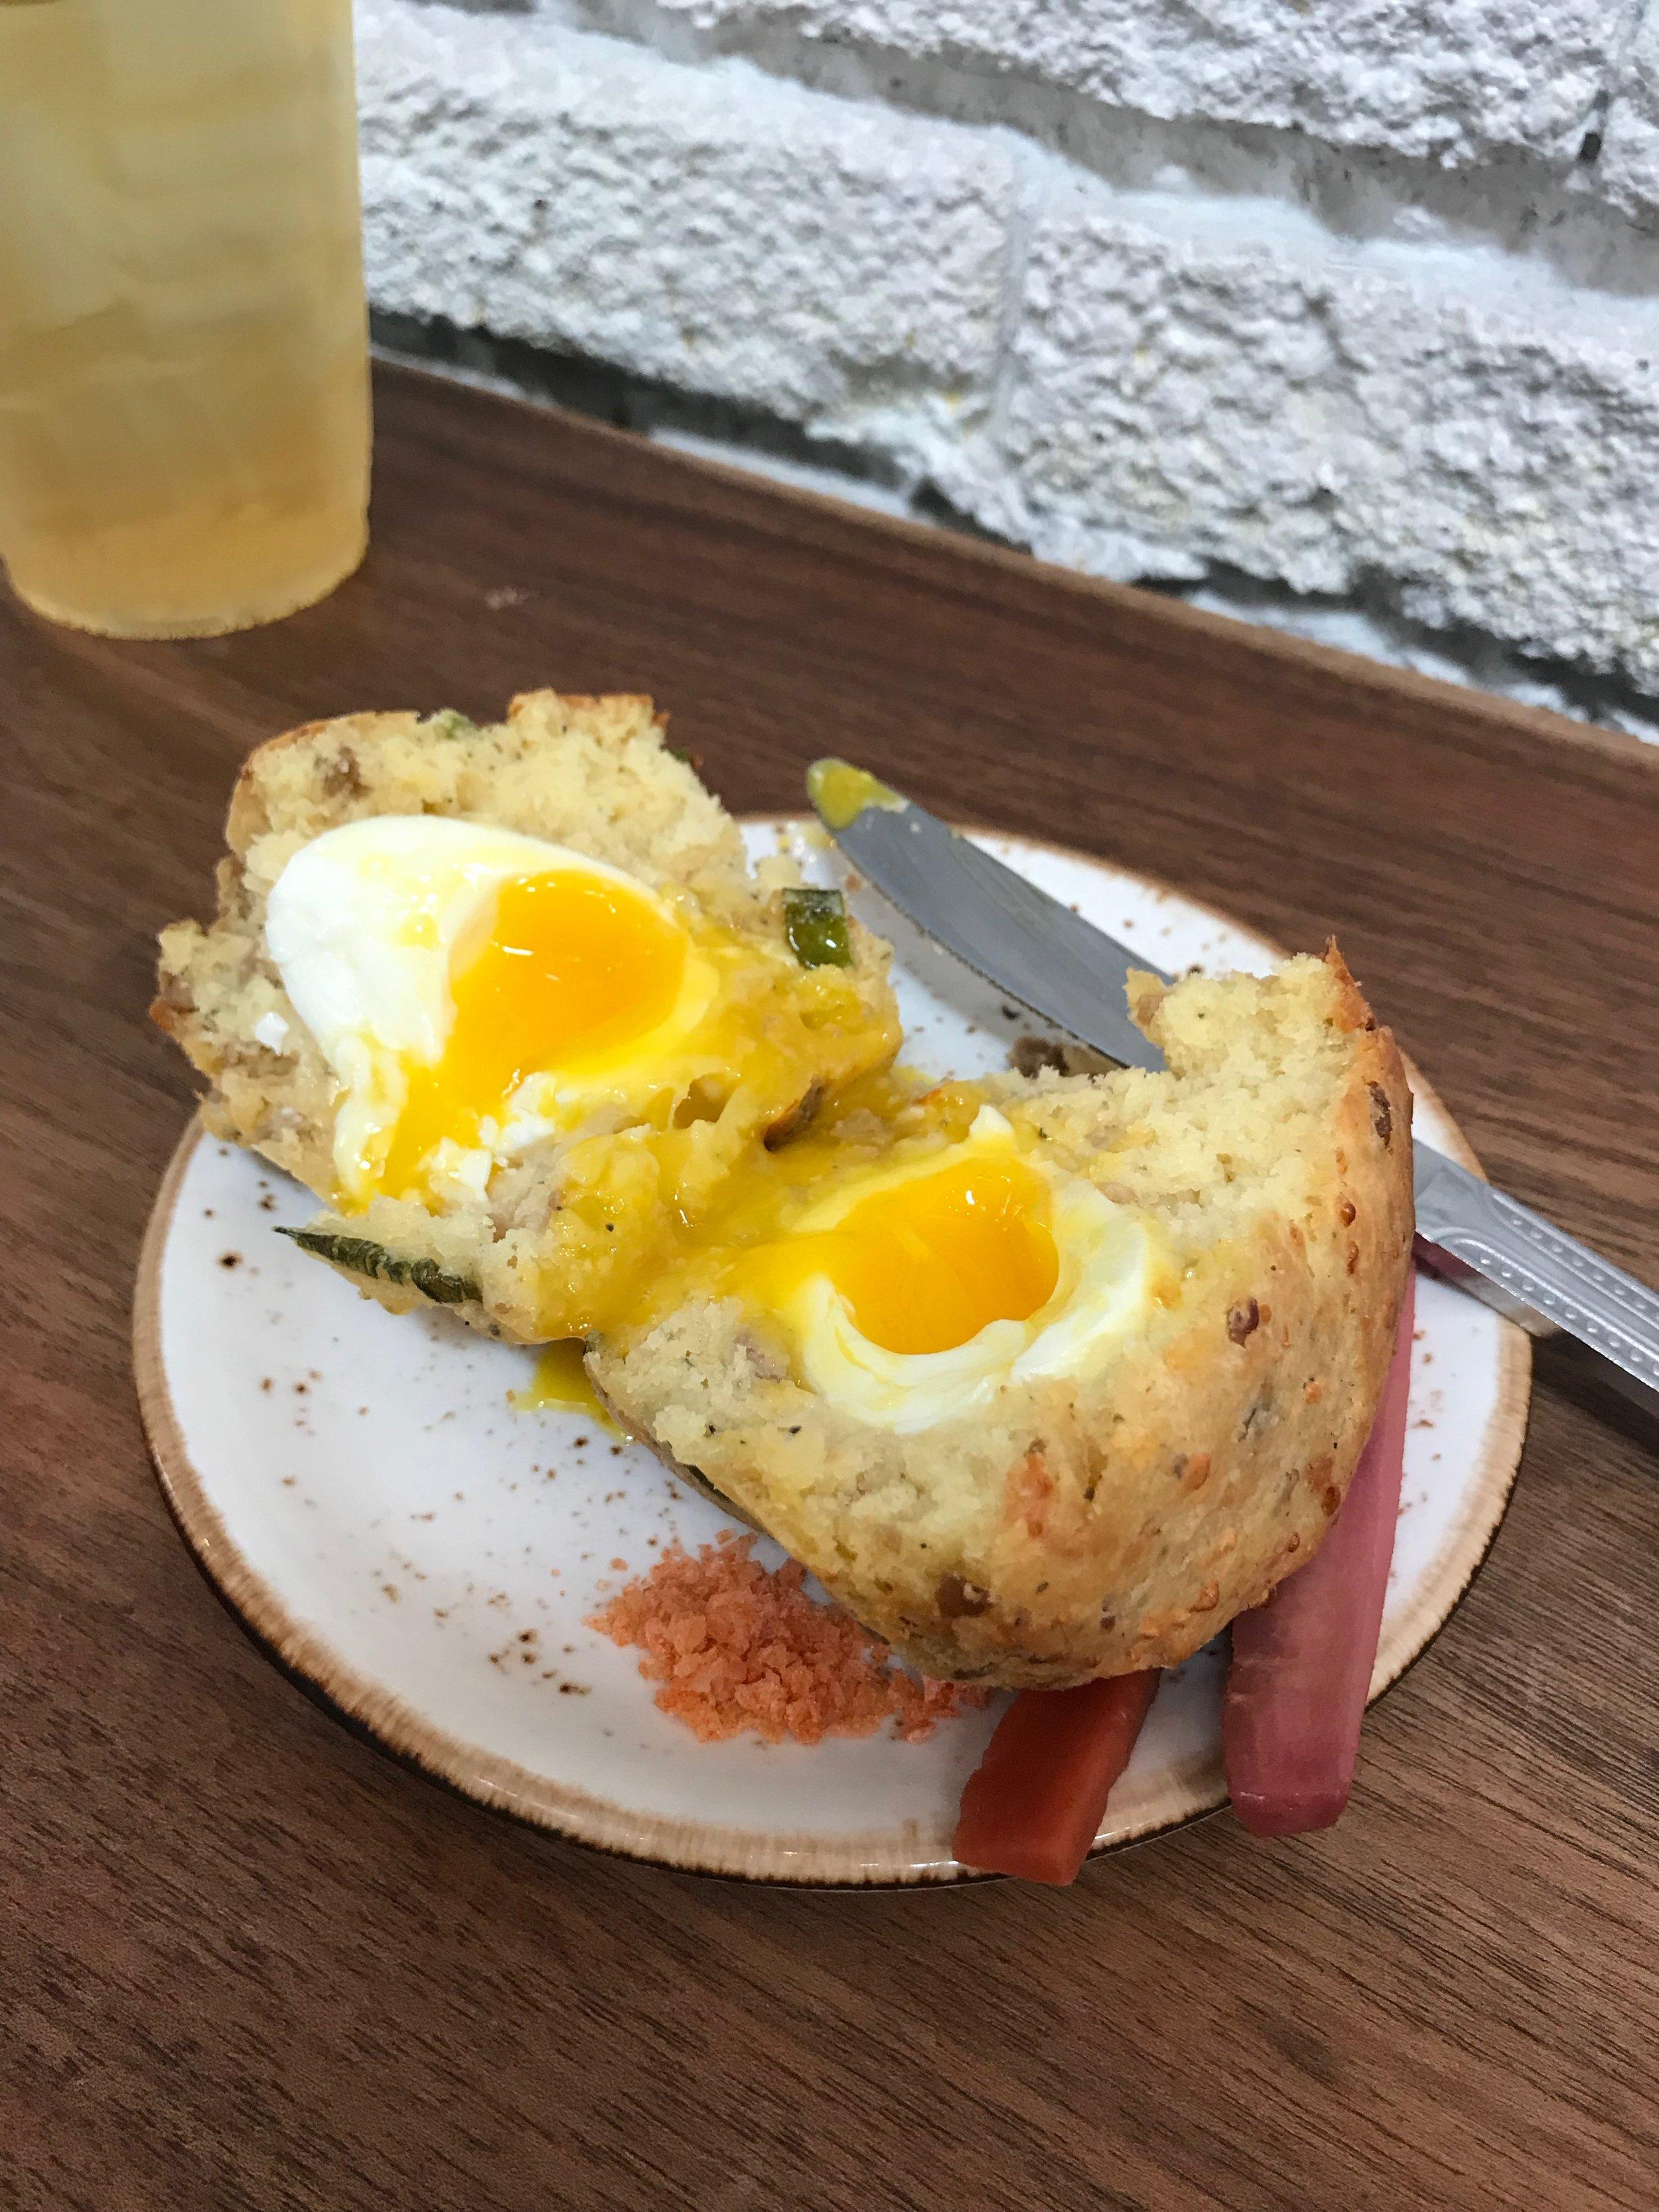 Egg porn.